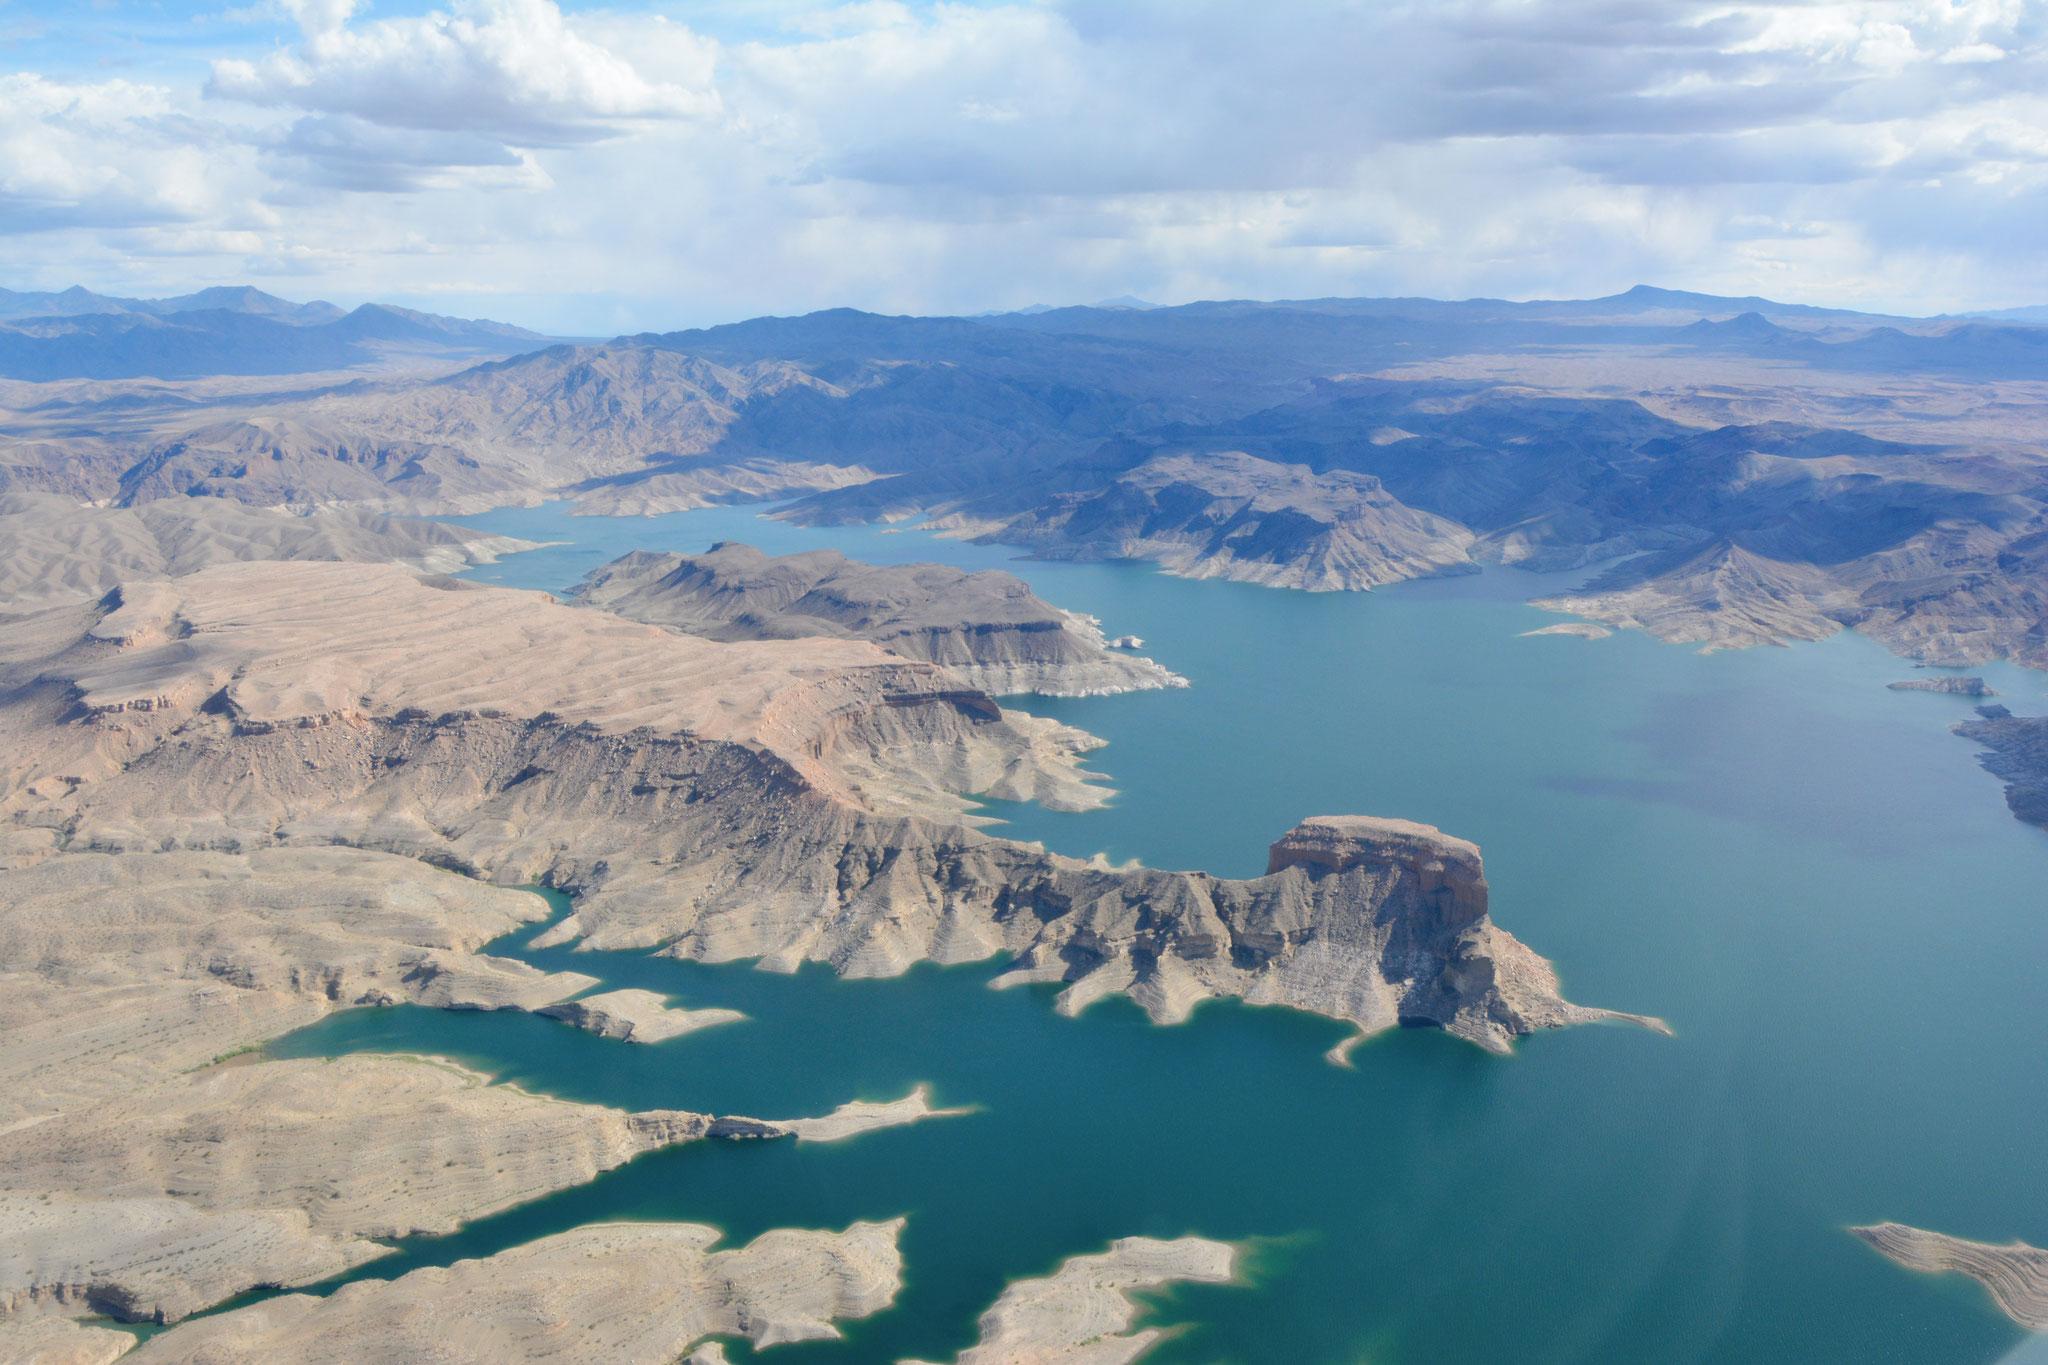 Helikopterflug über Lake Mead